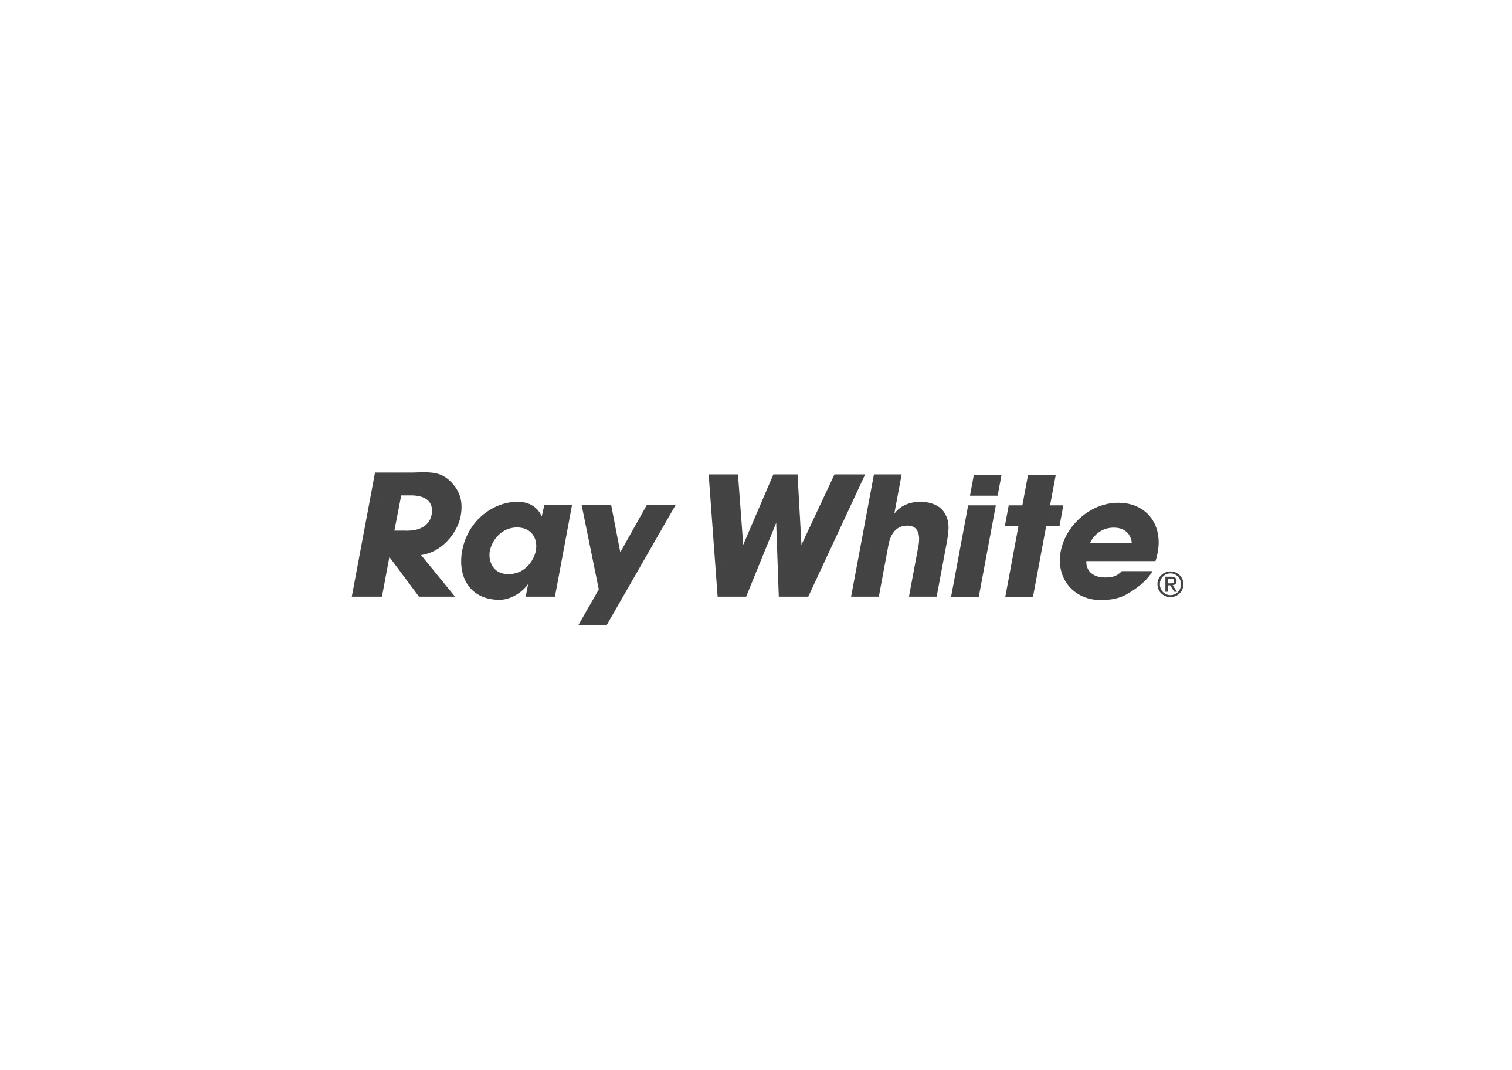 Ray White-01.jpg